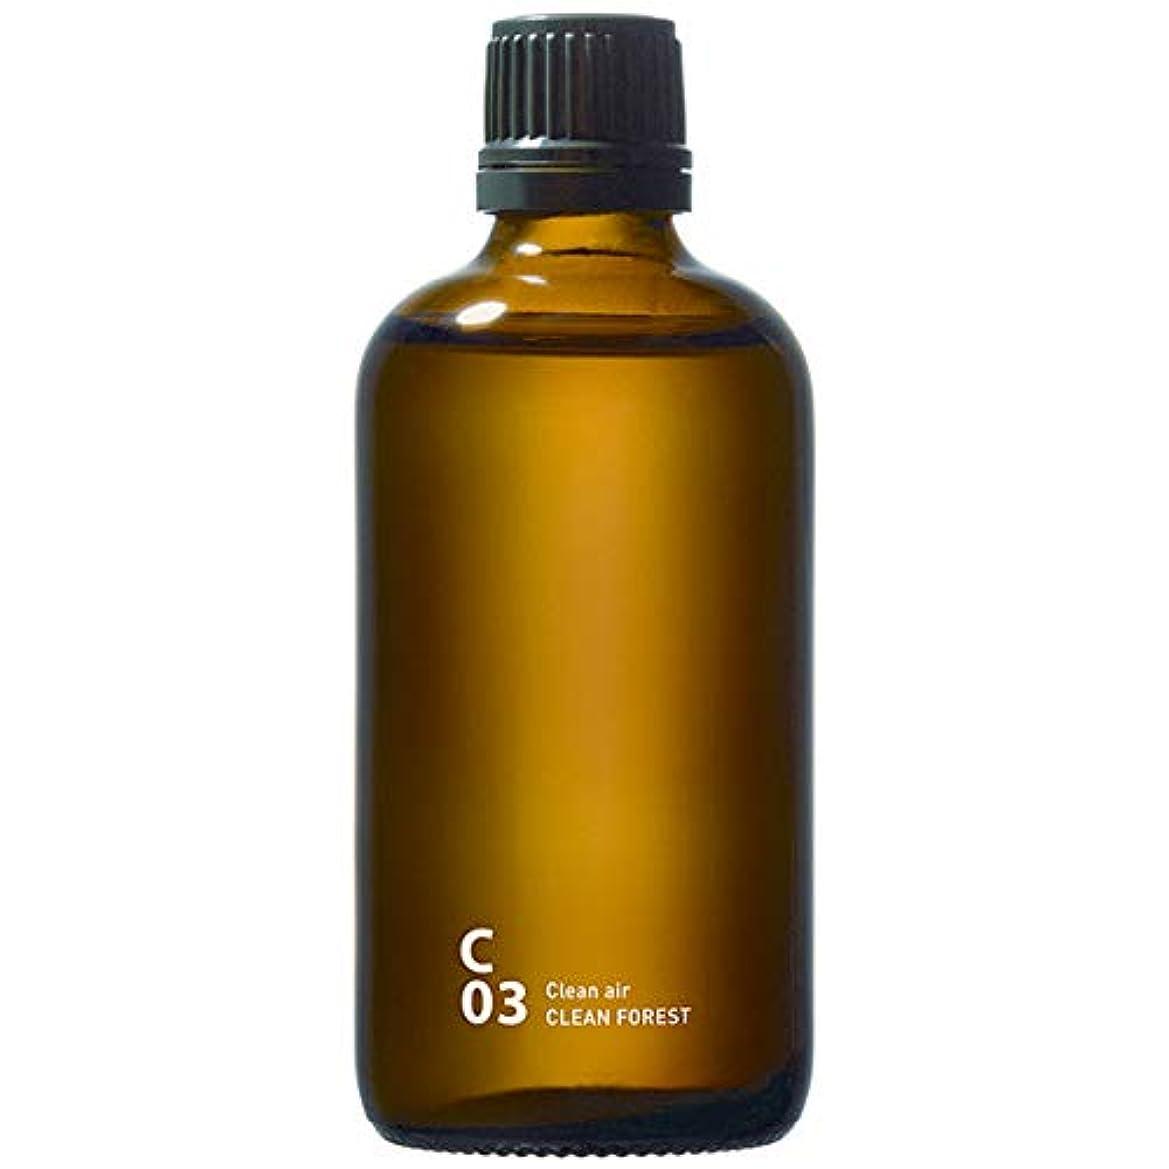 高揚した道徳悪化させるC03 CLEAN FOREST piezo aroma oil 100ml